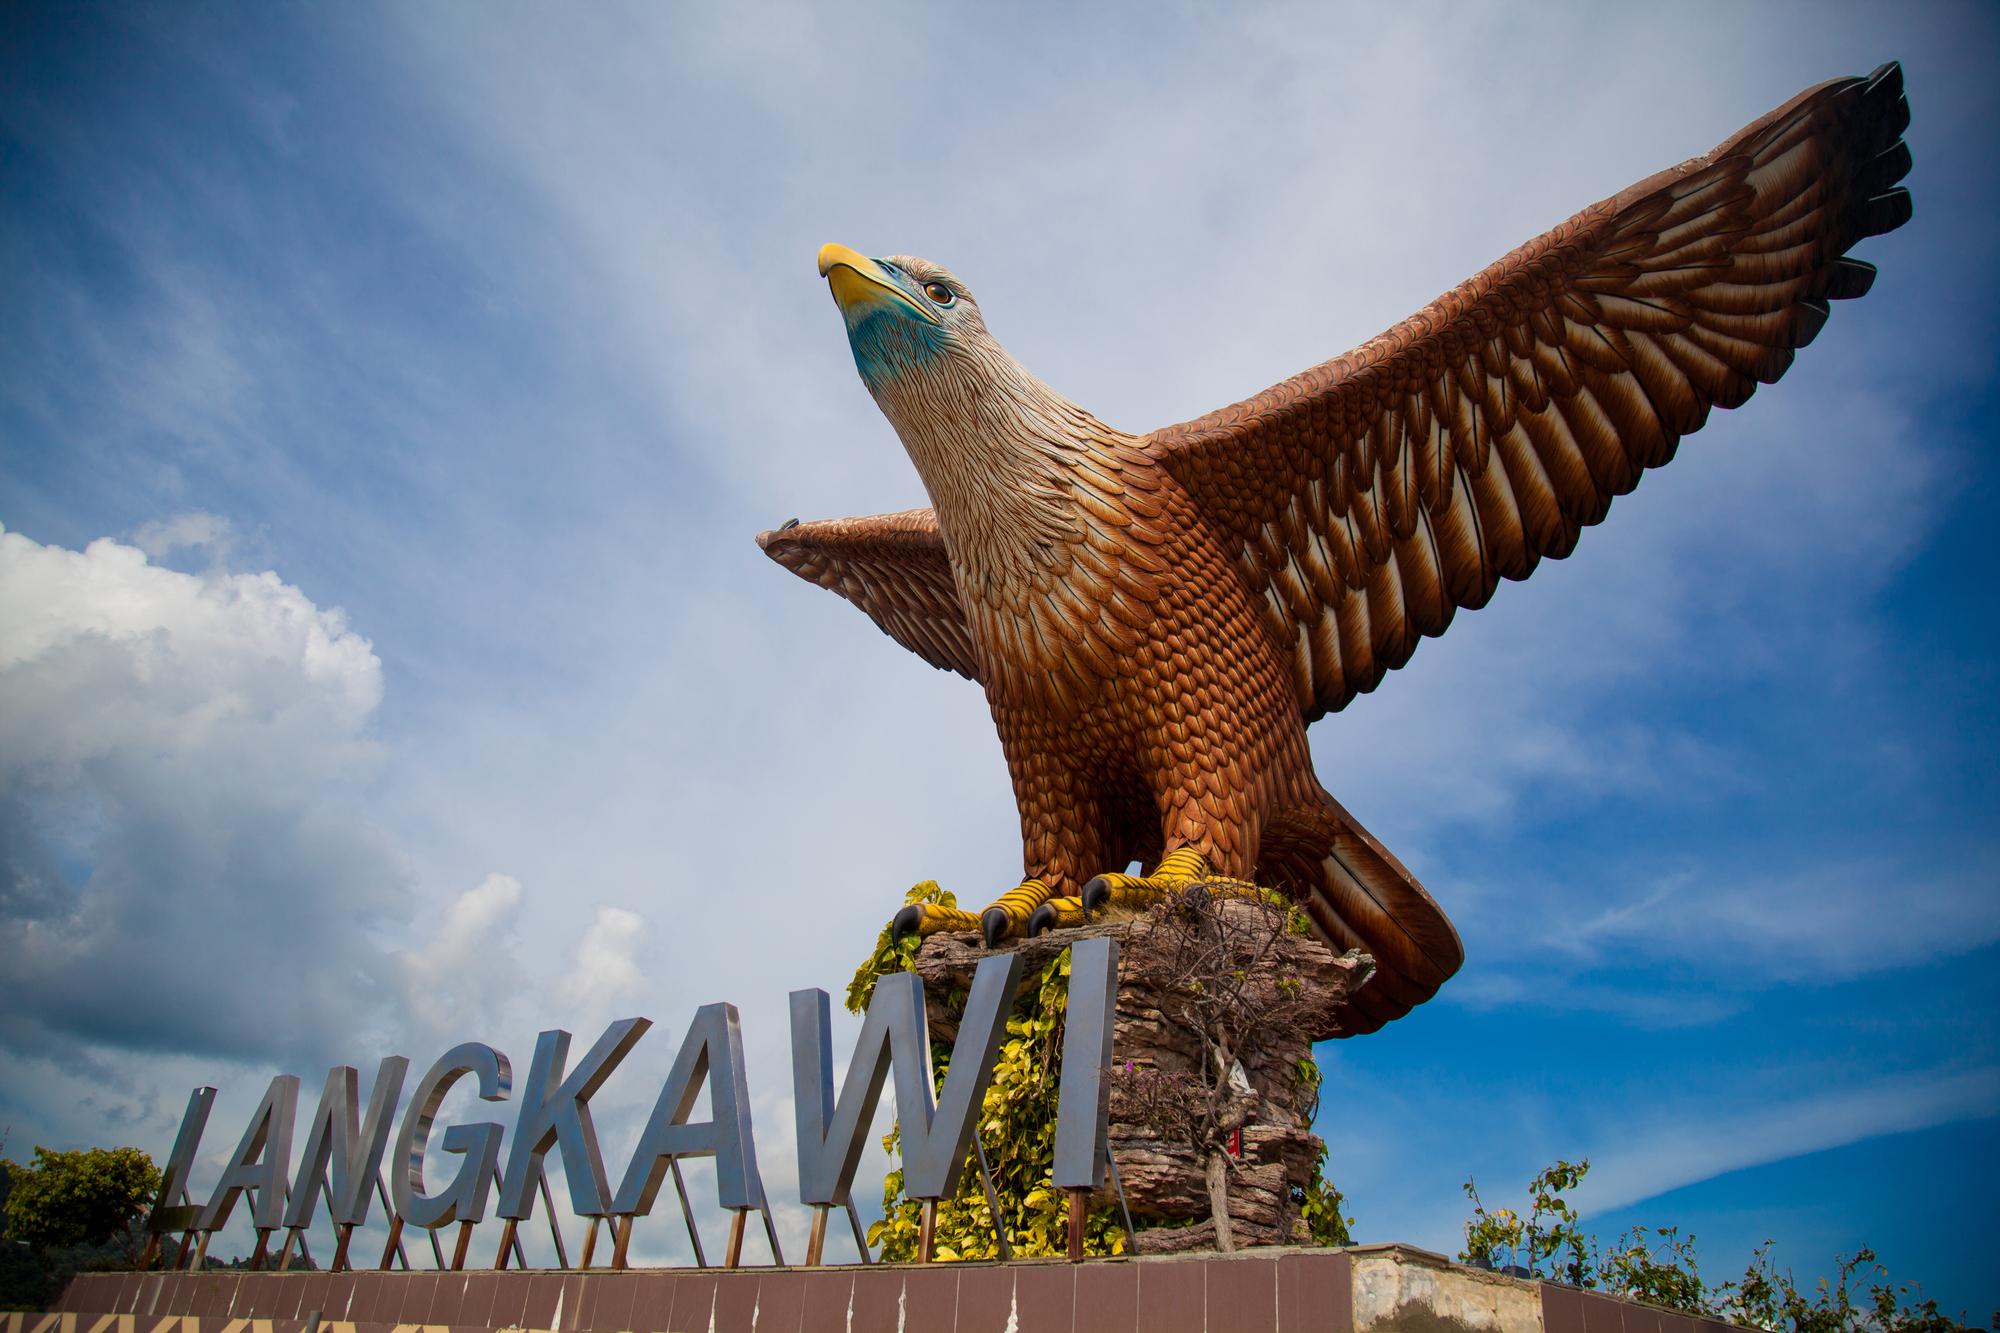 【城市+海岛】马来西亚兰卡威+吉隆坡6晚8天自由行【国航直飞吉隆坡/5星酒店/含接送】